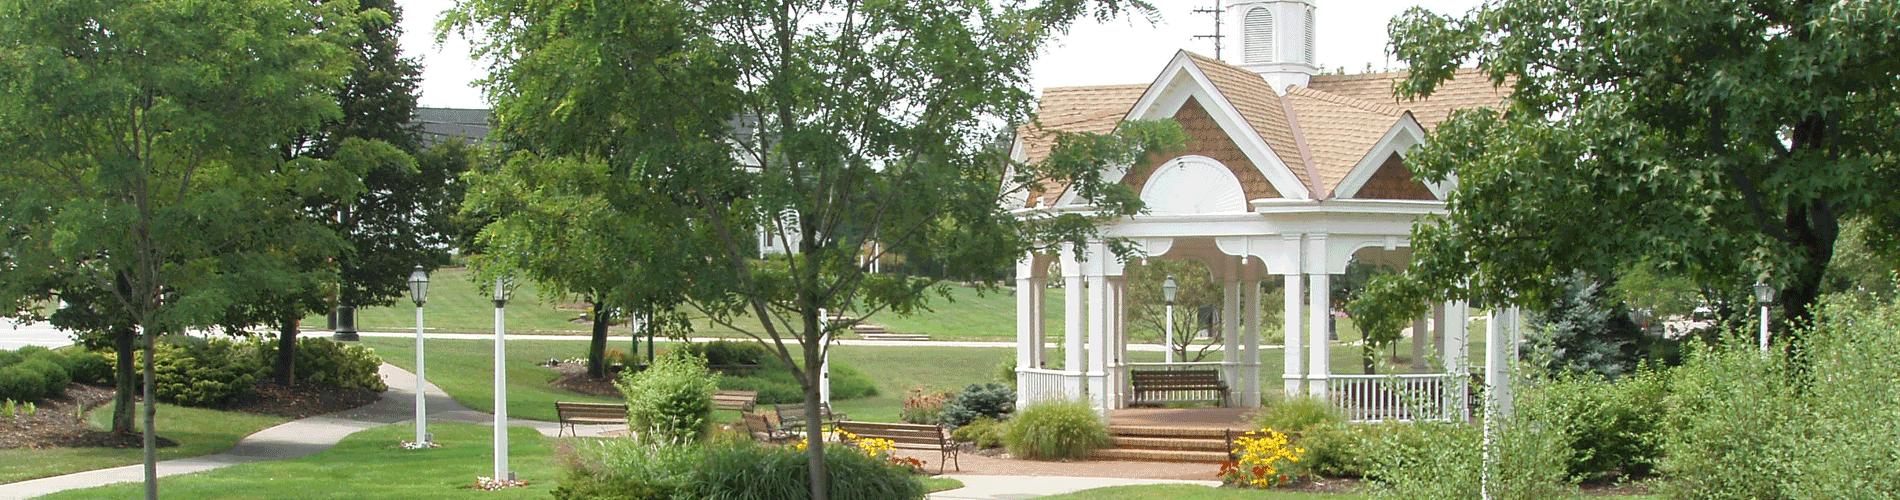 Bicentennial Park, Aurora, Ohio